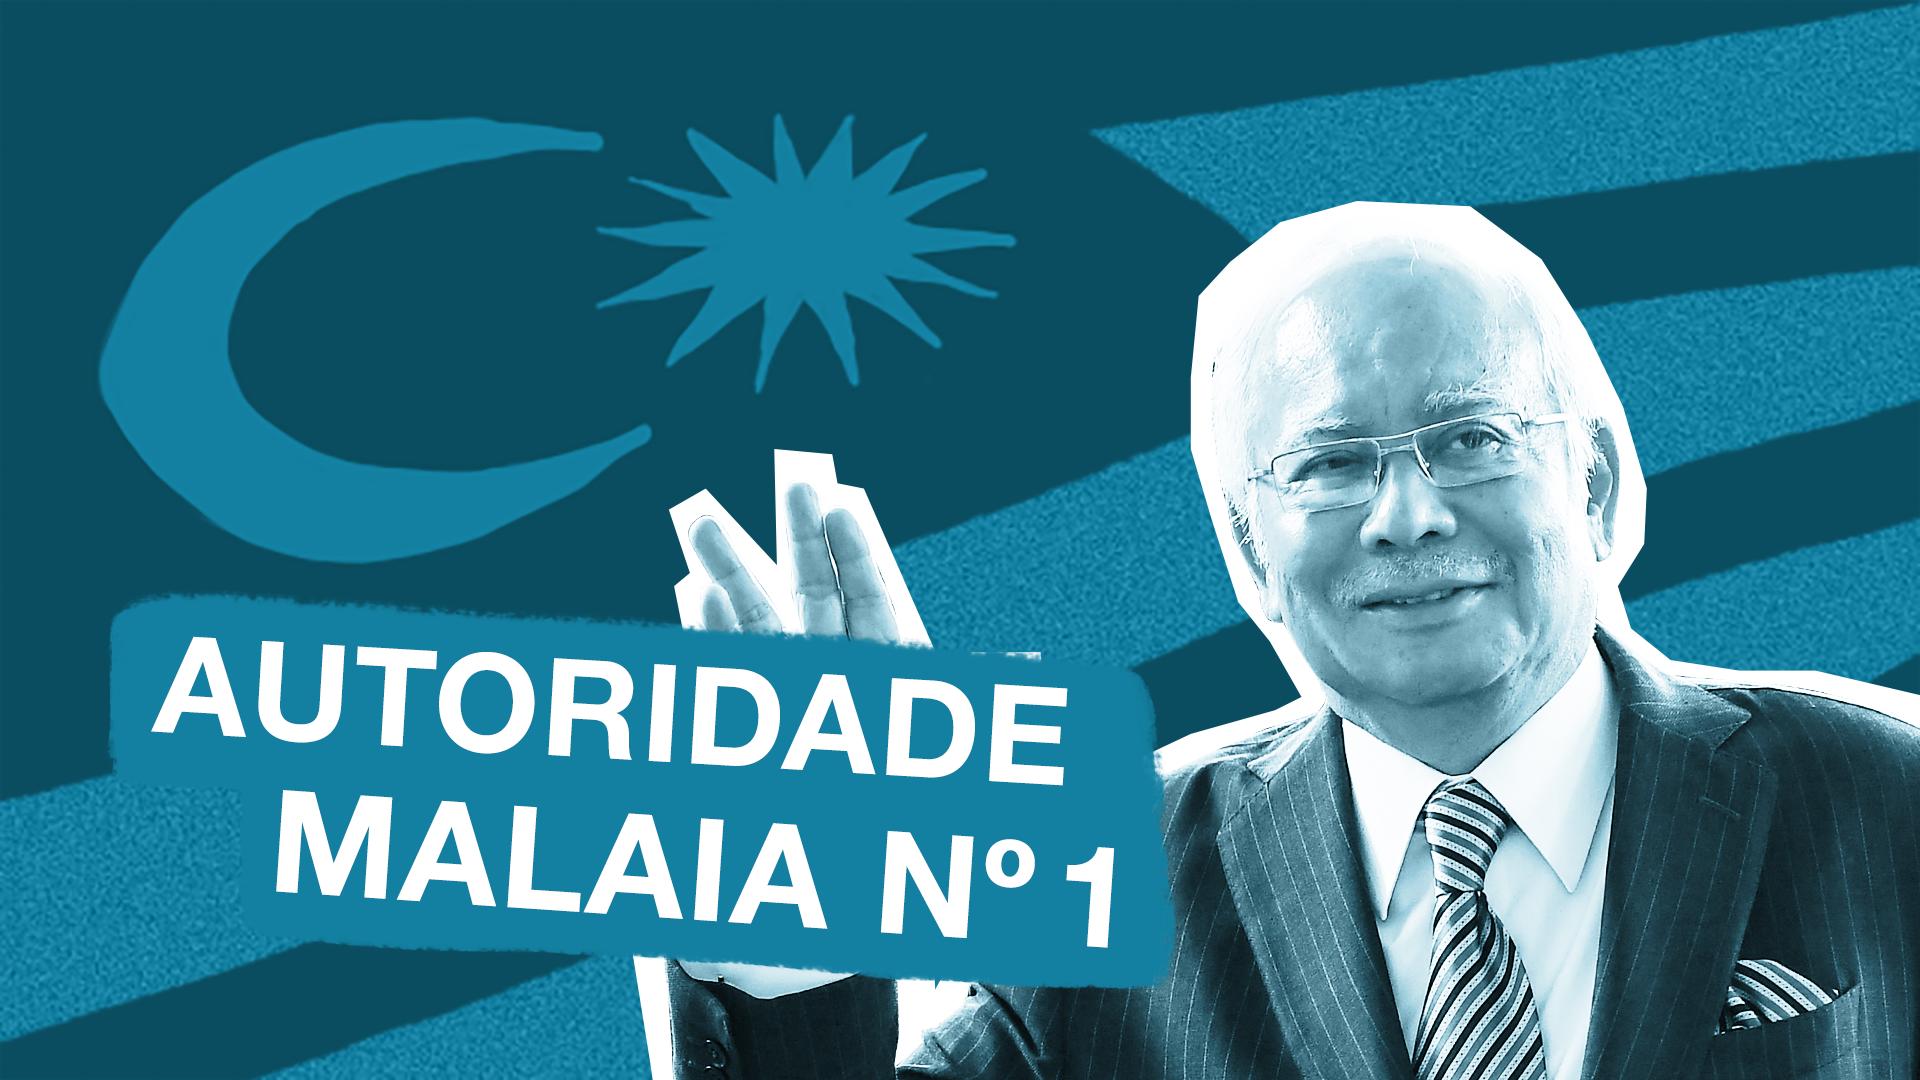 autoridade malaia